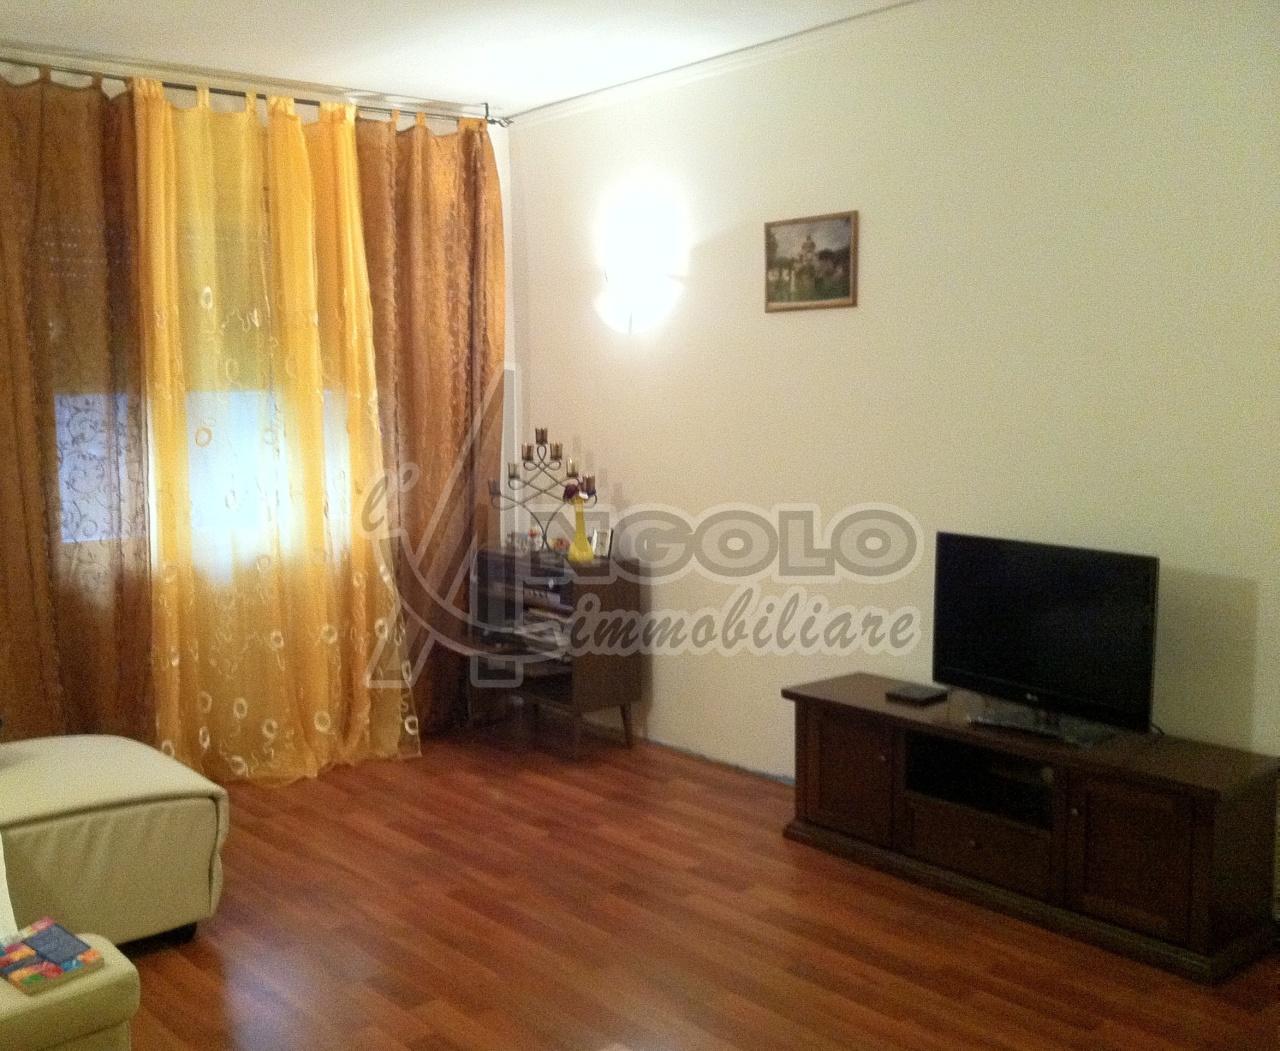 Appartamento in vendita a Polesella, 5 locali, prezzo € 65.000 | Cambio Casa.it